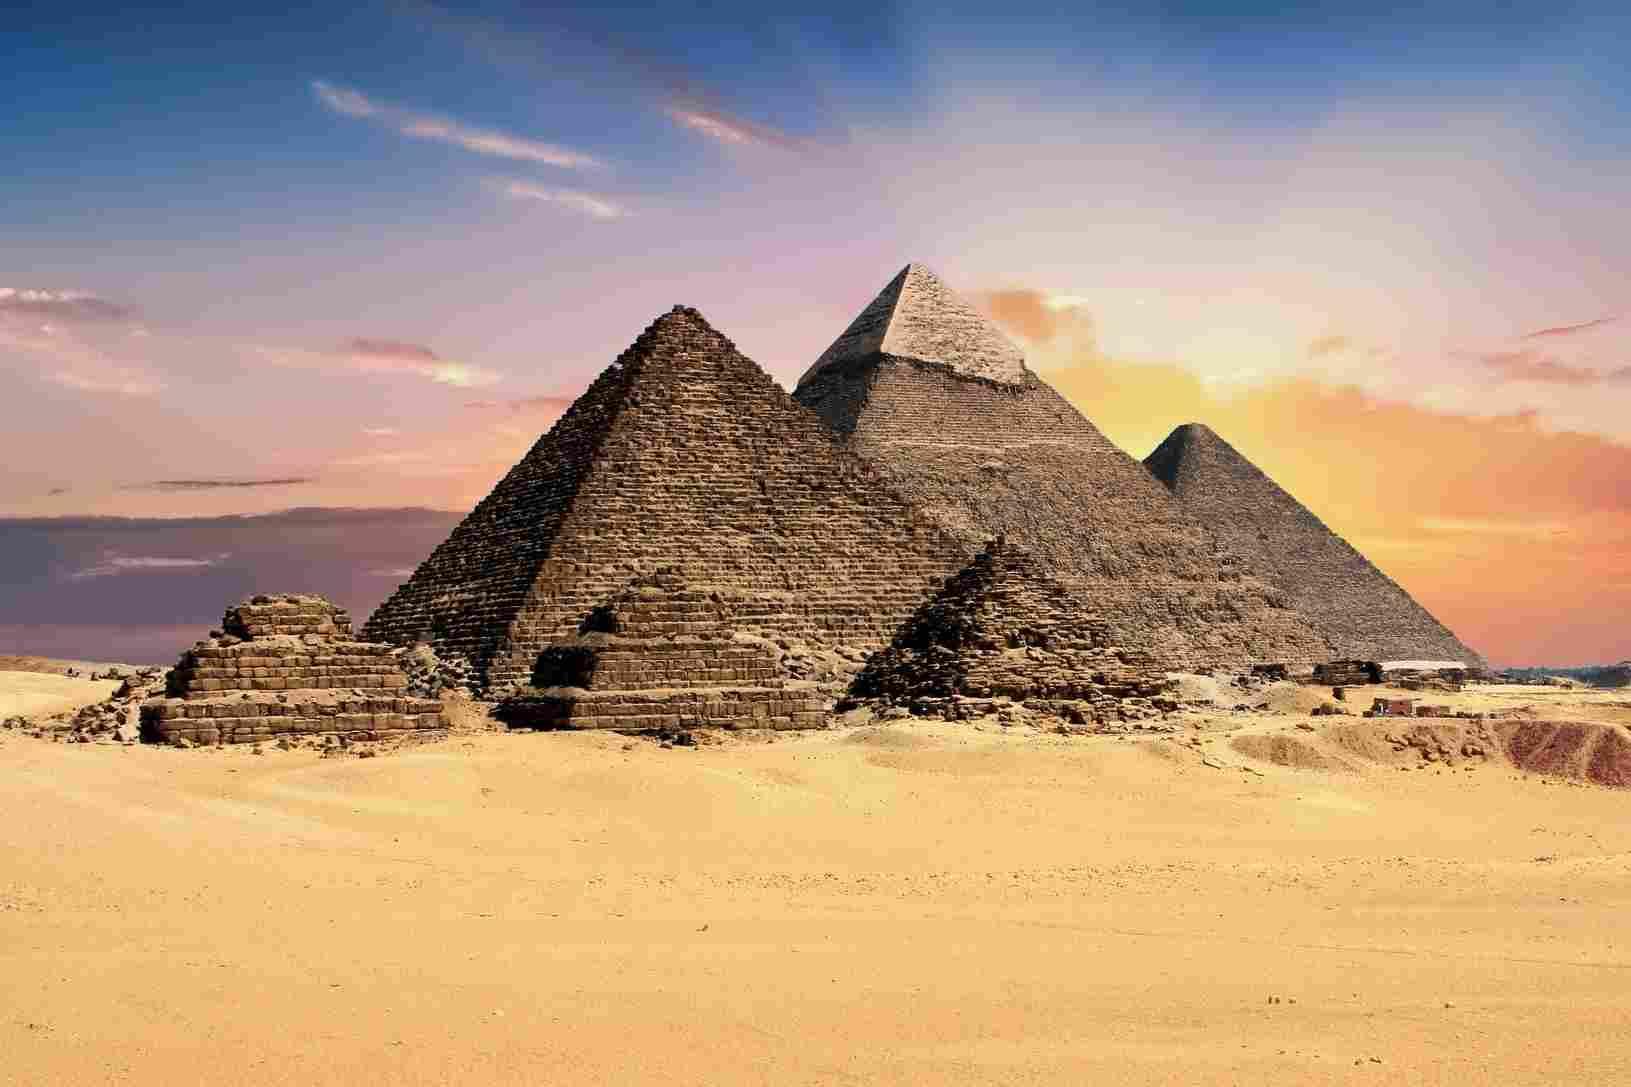 Algunas de las pirámides de Egipto en un día de mucho sol y arena amarilla